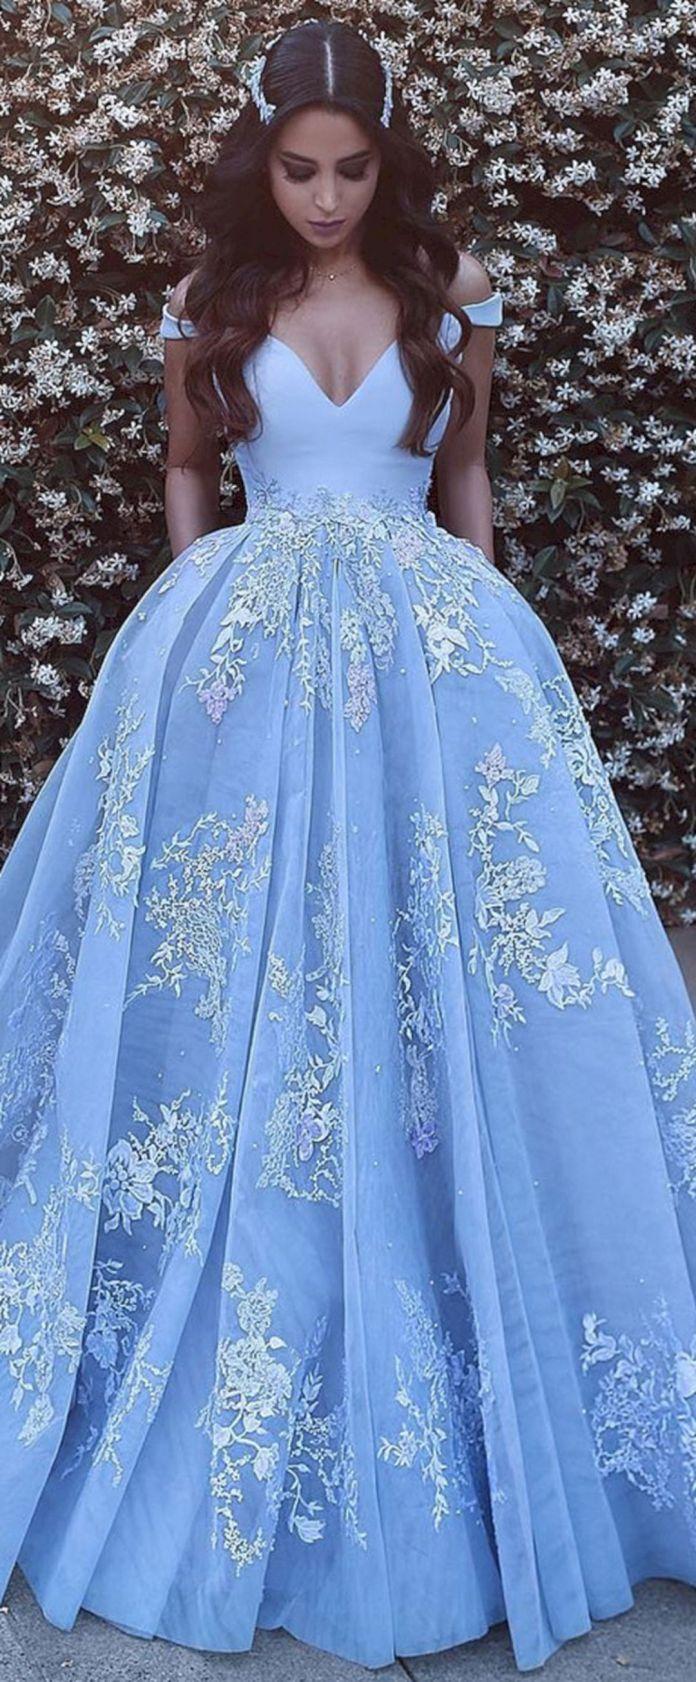 Great Incredible Wedding Gown Ideas : 35+ Blue Prom Dresses Most Beautiful https://oosile.com/incredible-wedding-go… | Vestiti da ballo, Vestaglia, Vestito da sera